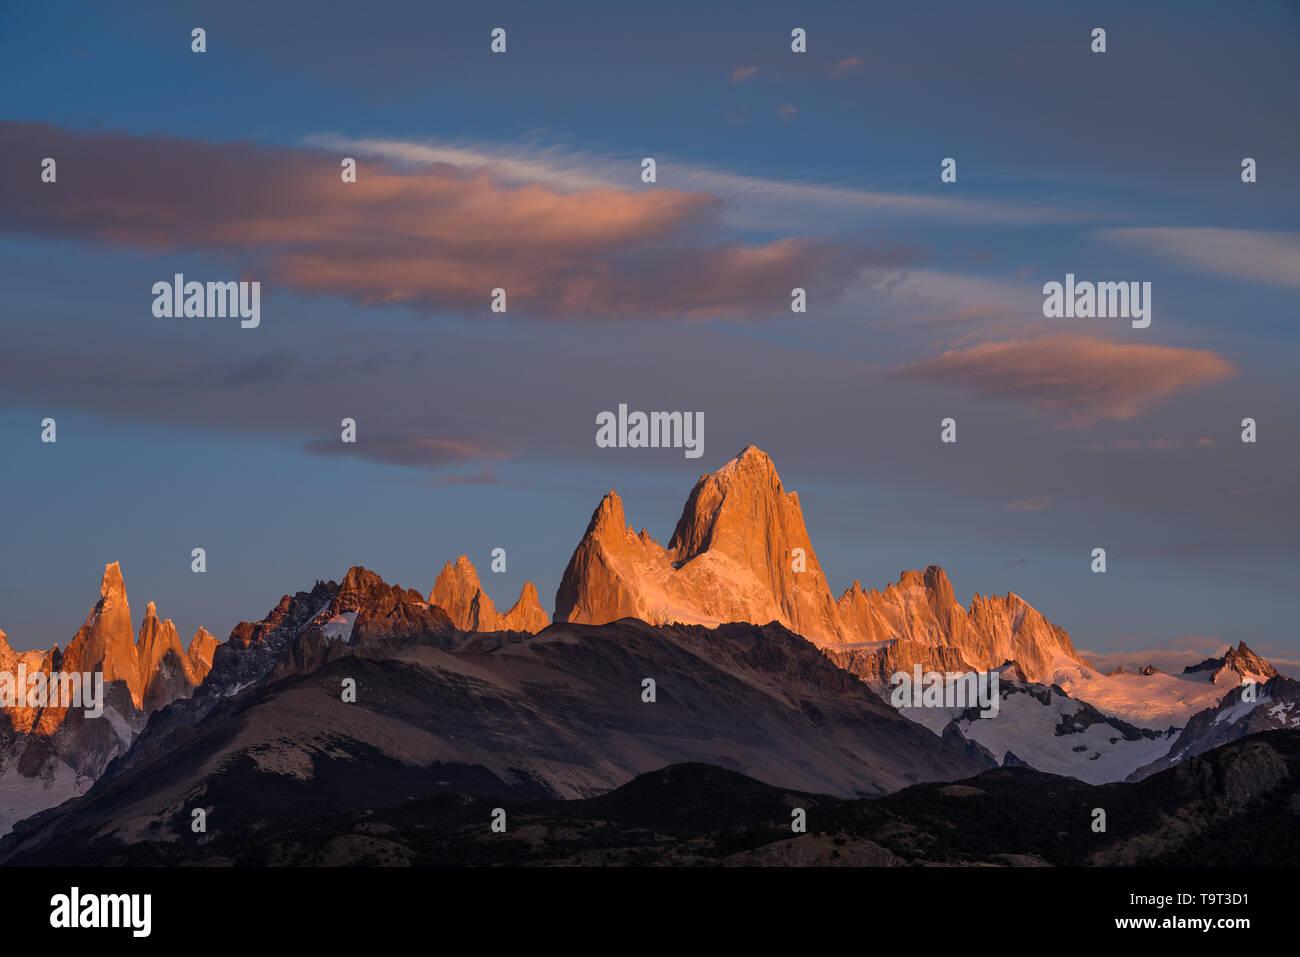 La primera luz del amanecer sobre el macizo Fitz Roy incluyendo el Monte Fitz Roy y el Cerro Torre. Parque Nacional Los Glaciares, cerca de El Chaltén, Argentina. A U Foto de stock